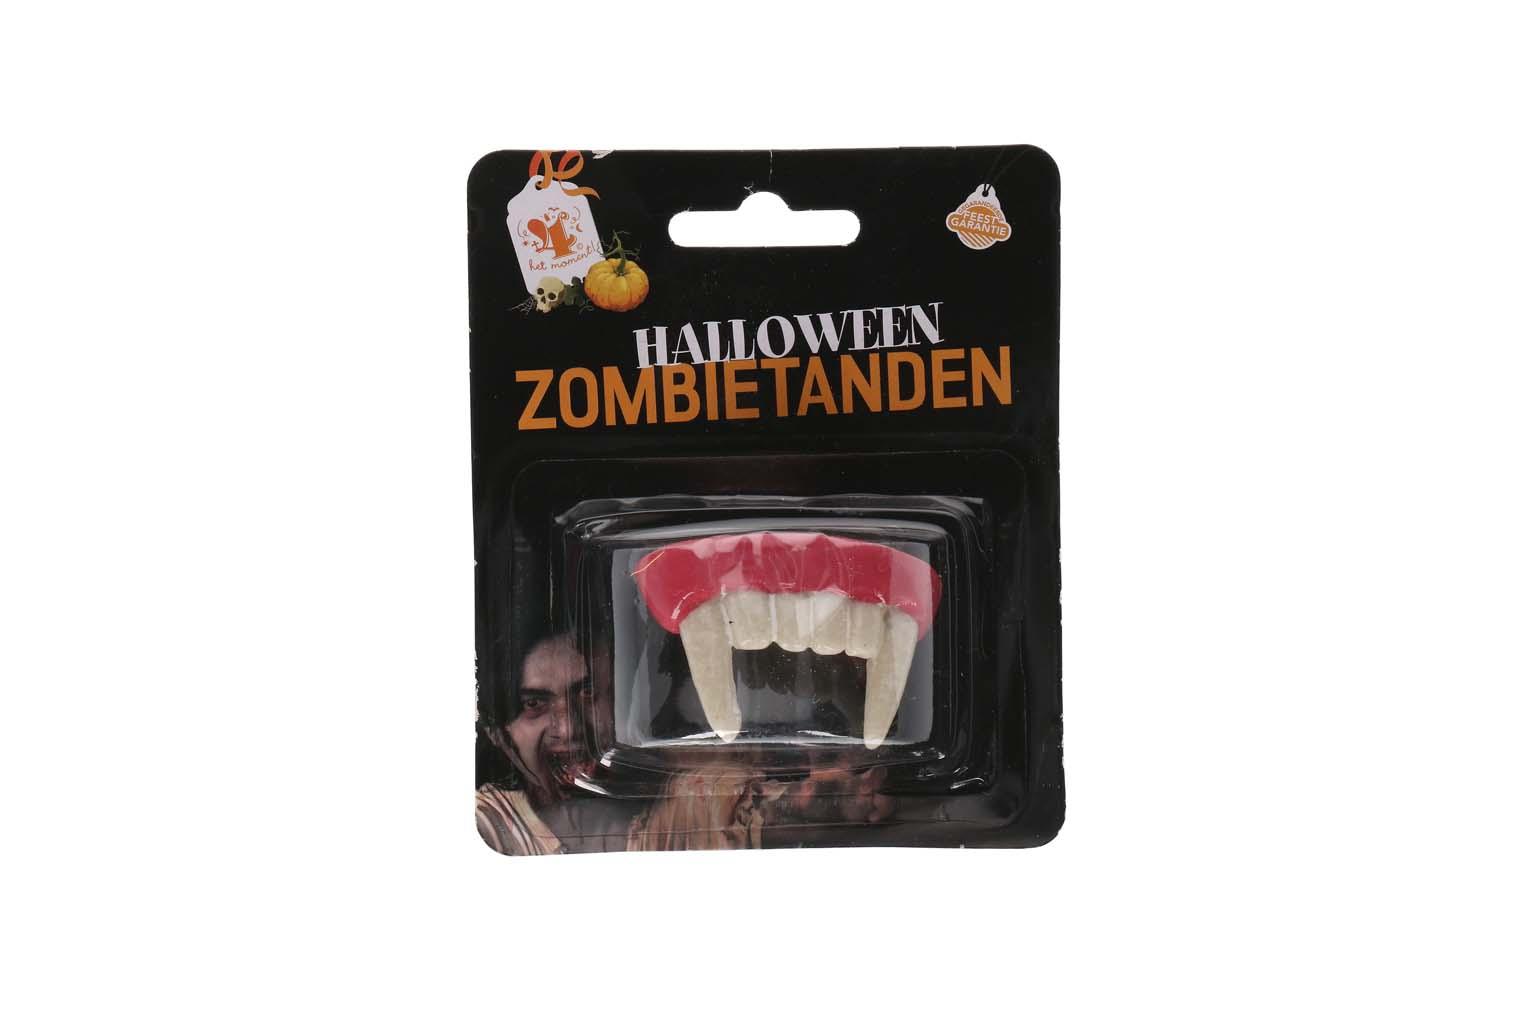 Vampiertanden halloween